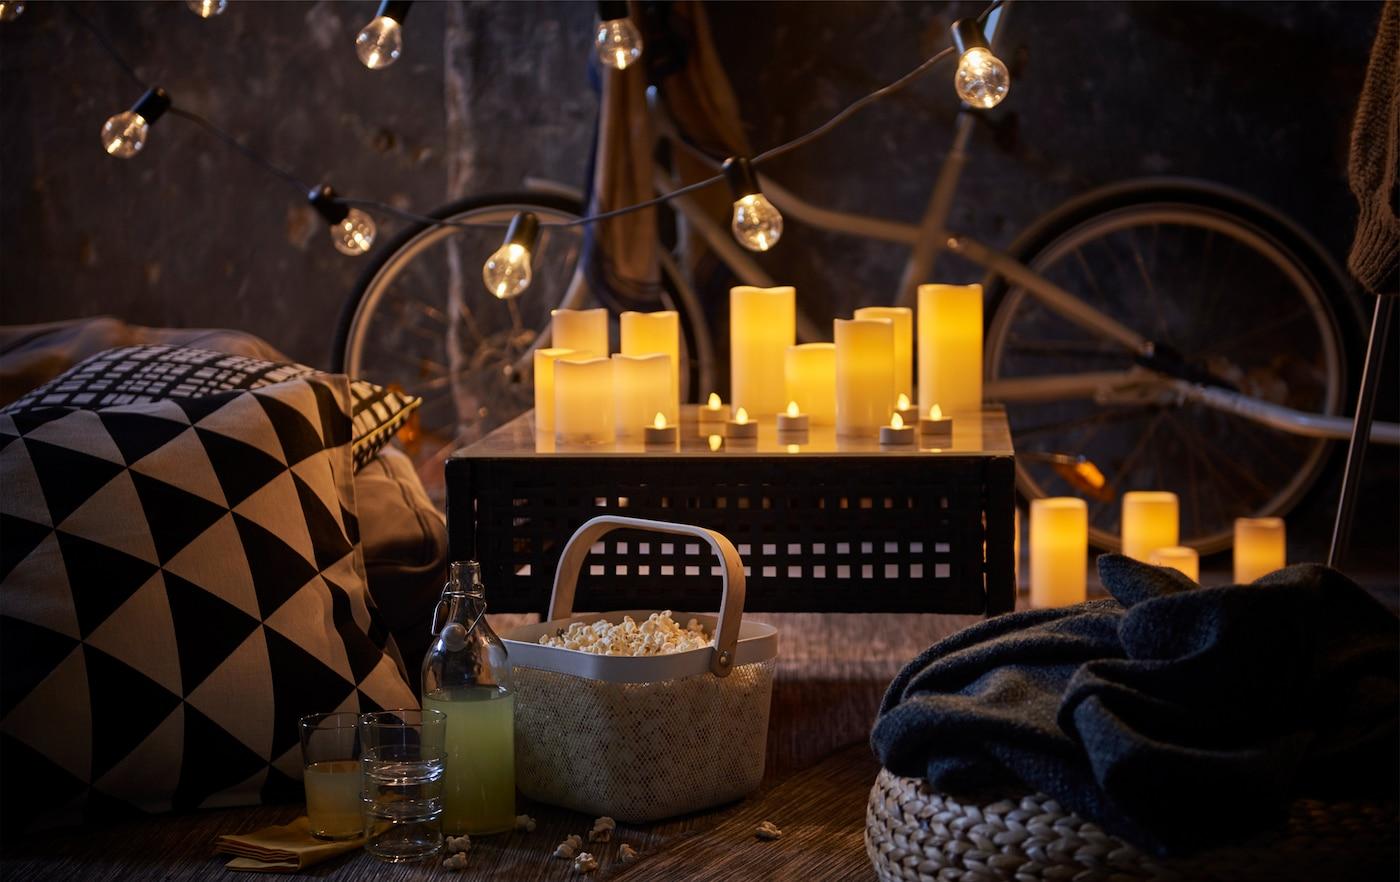 Gli ingredienti per una serata di festa: tessili, luci, un po' di musica e tanti amici - IKEA